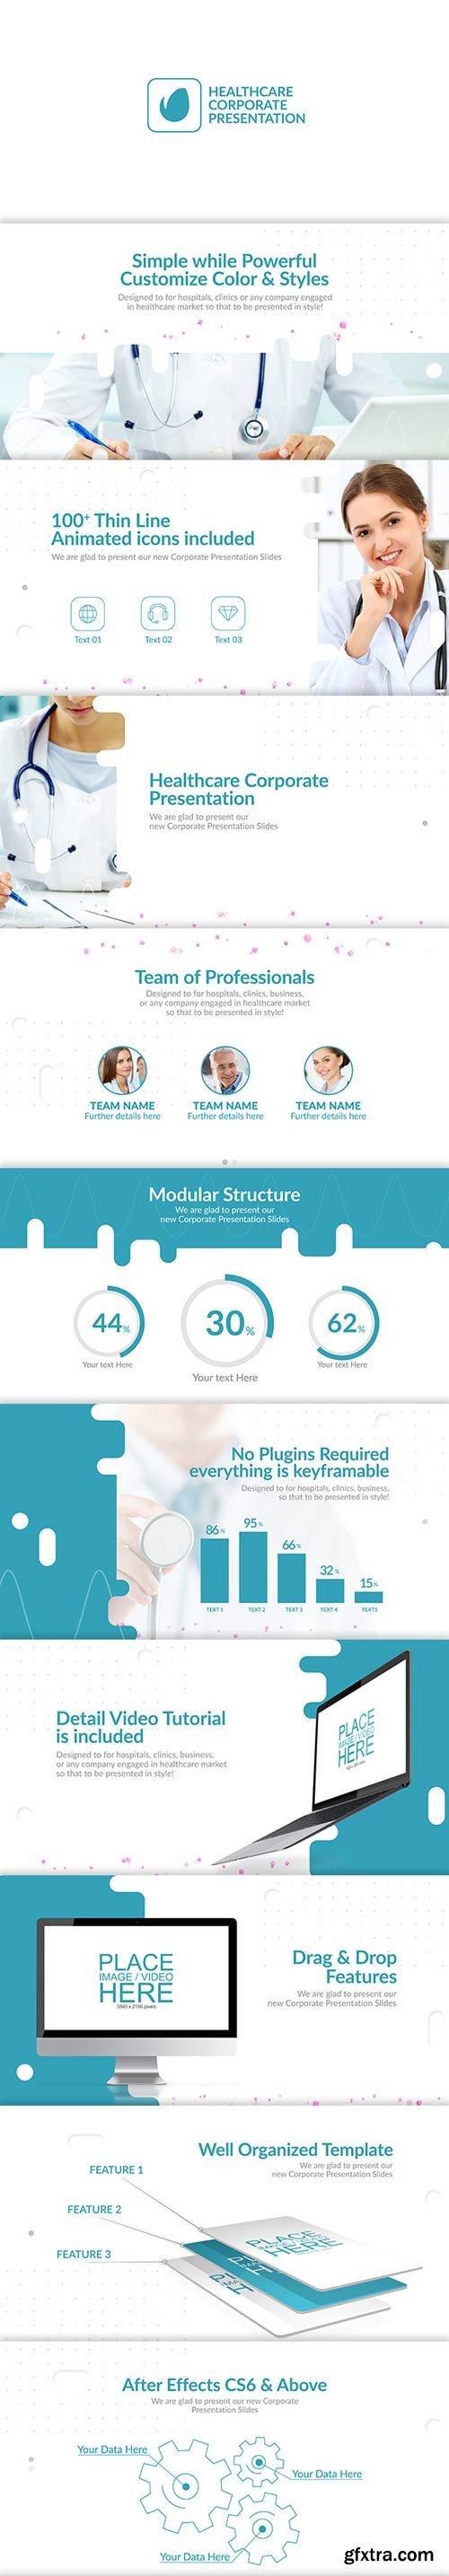 Videohive - Healthcare & Corporate Presentation - 23093513